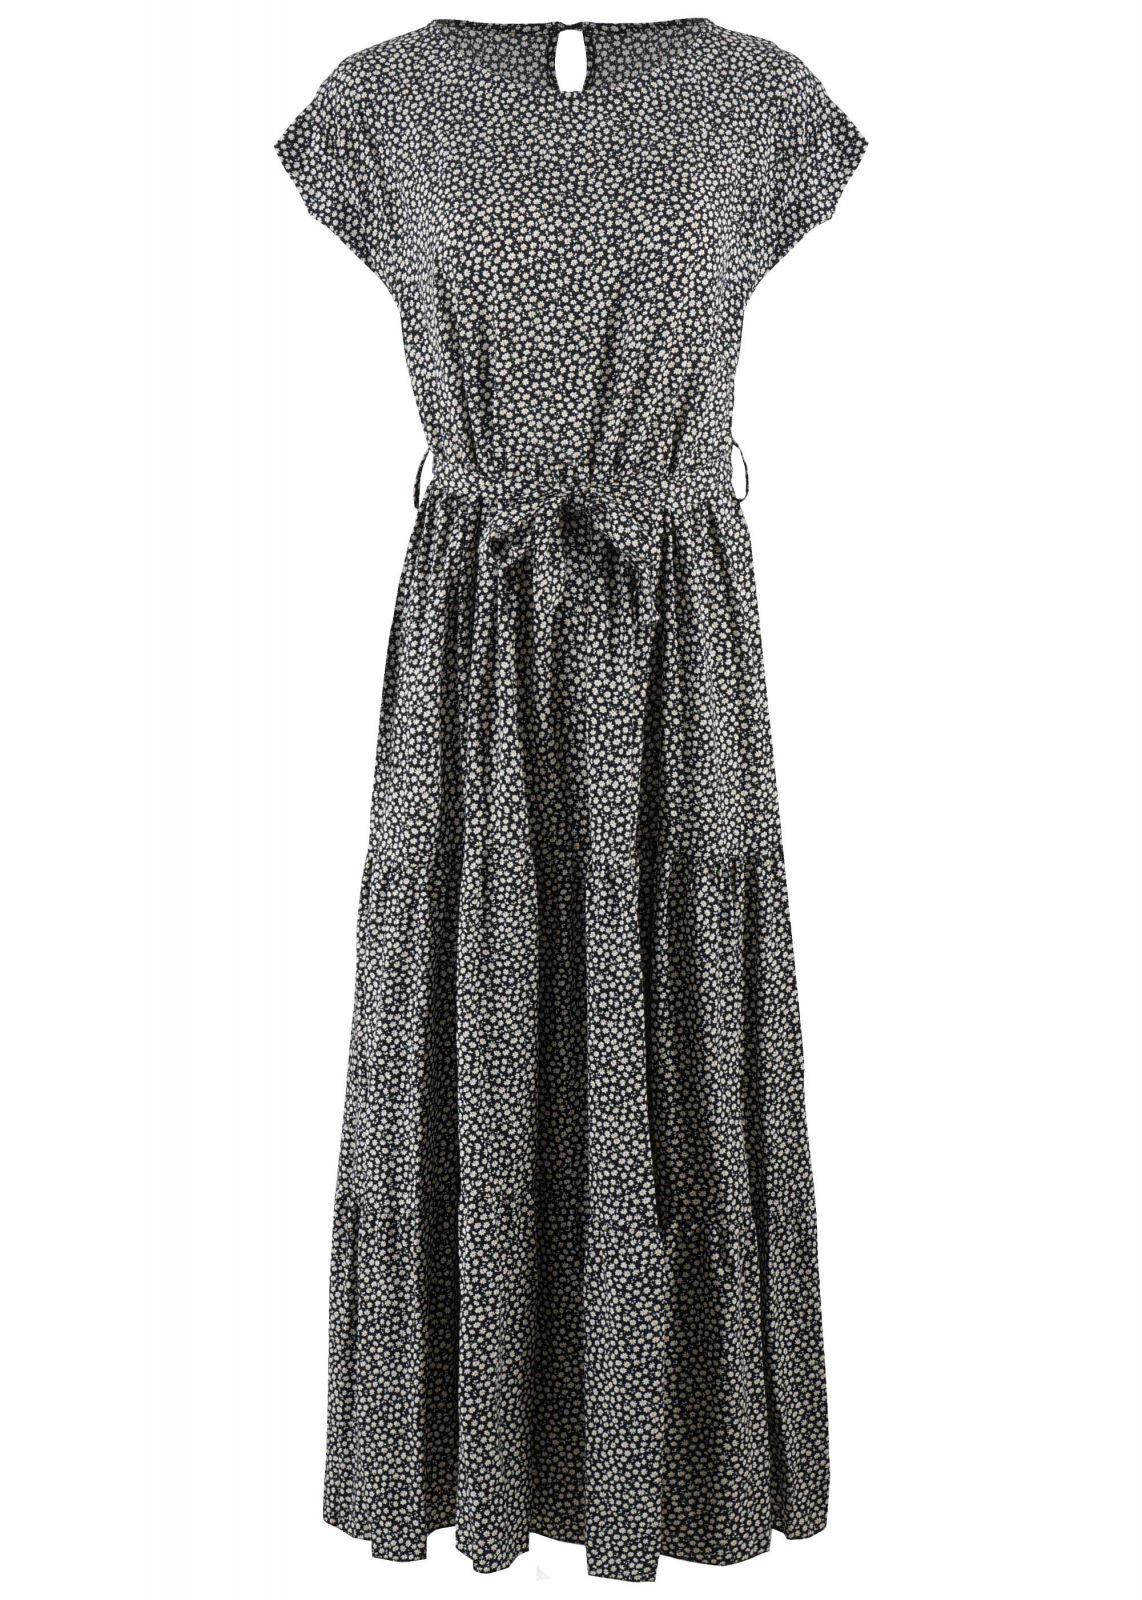 Γυναικείο maxi φόρεμα λαιμόκοψη ΜΑΥΡΟ